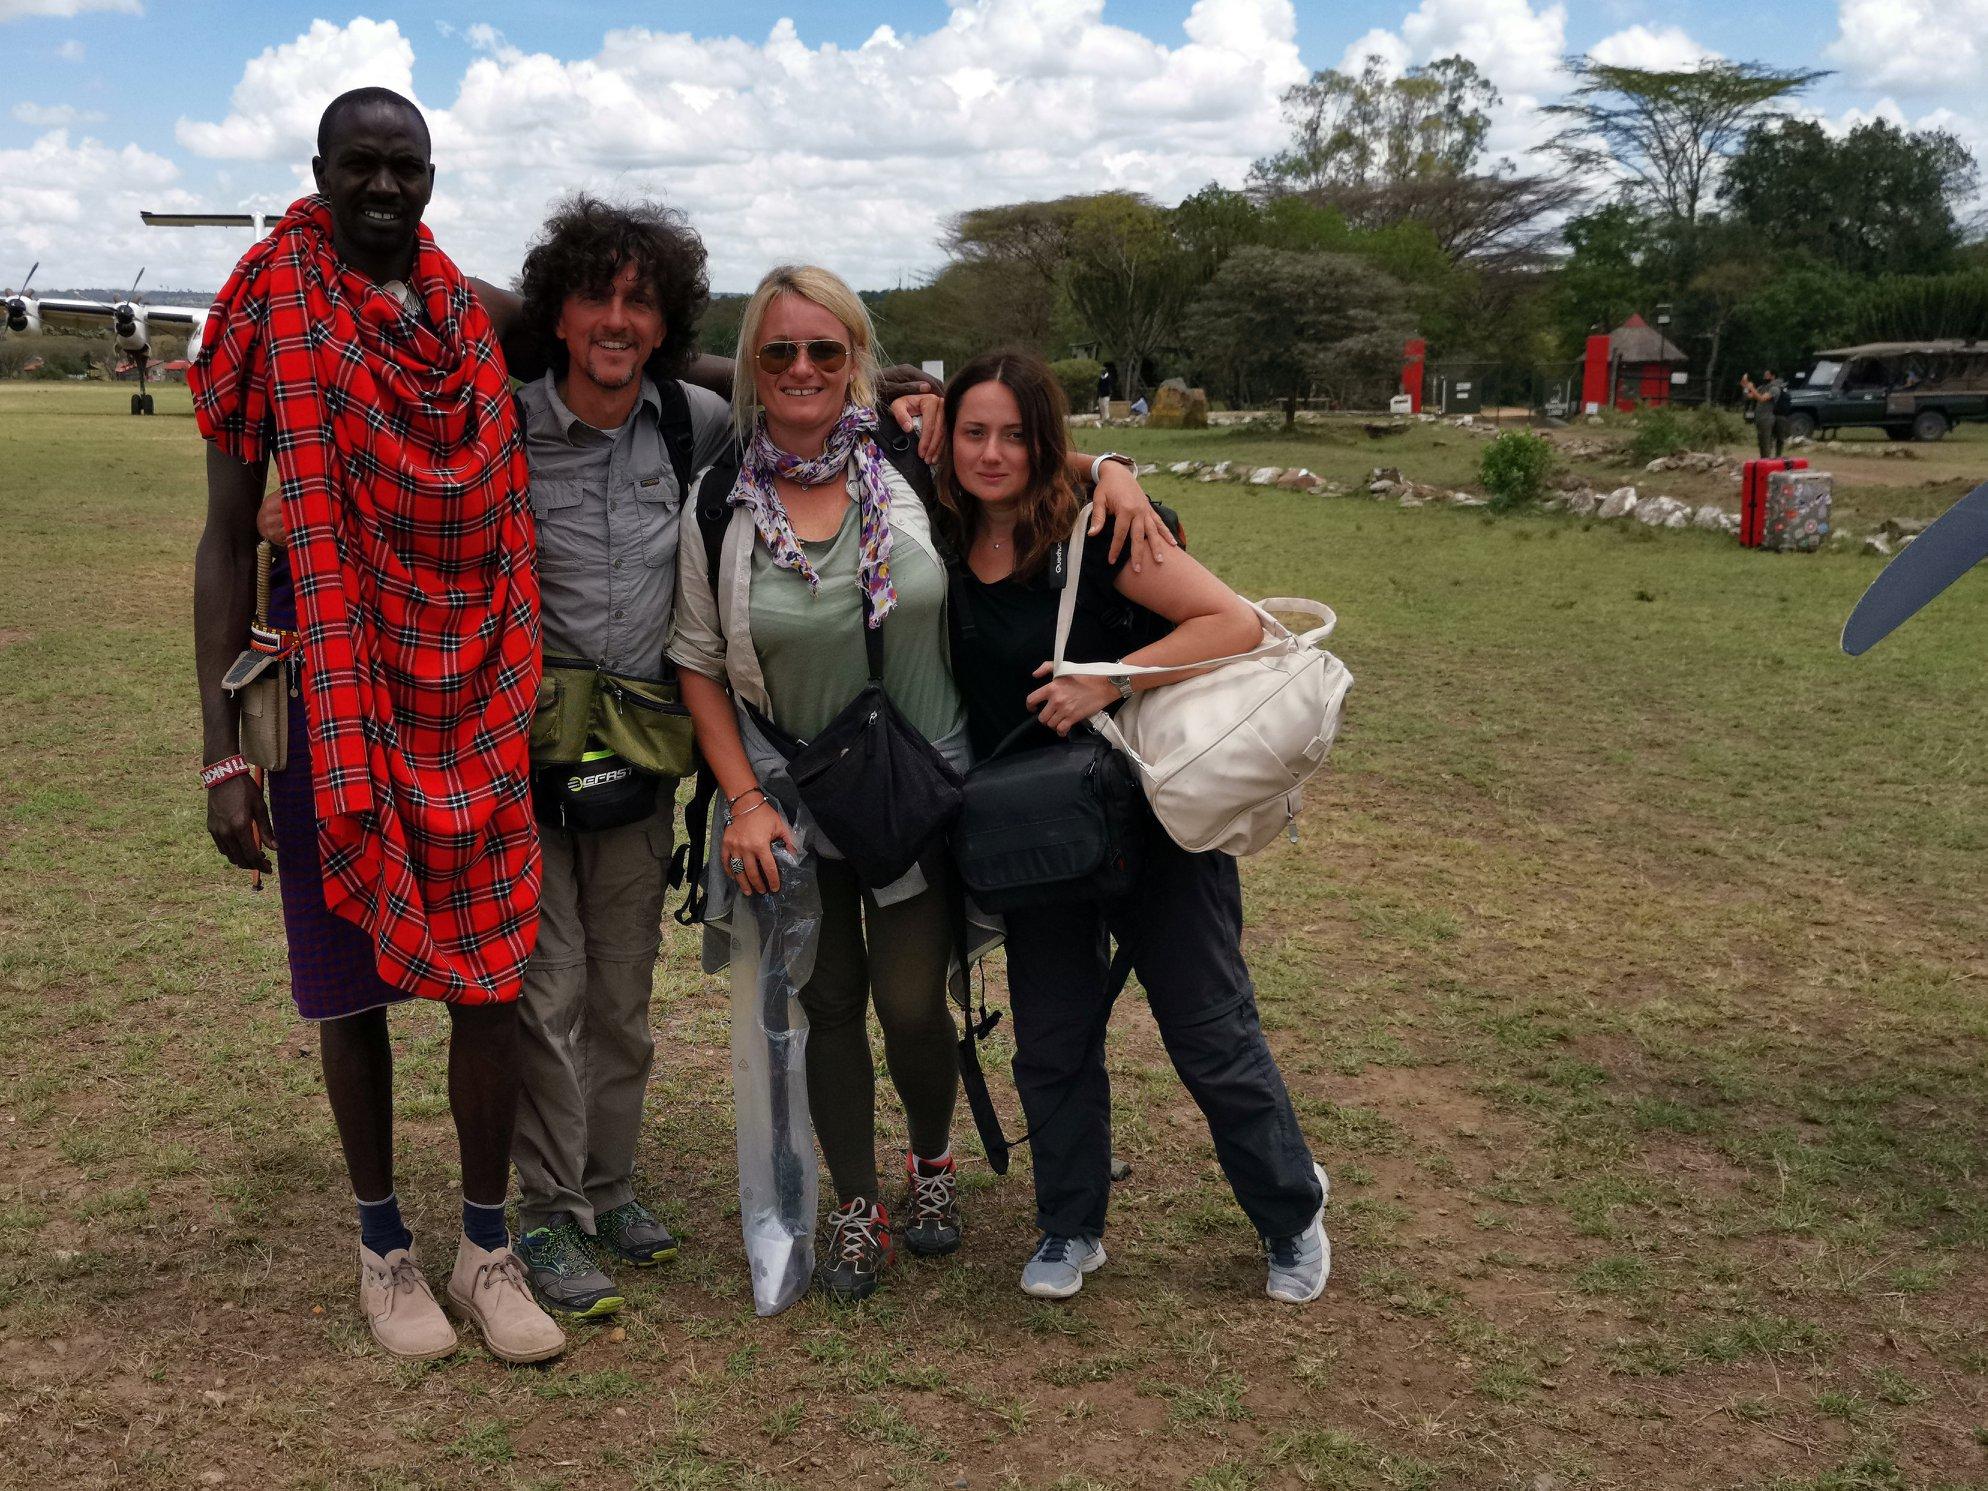 Kenya_Bracali_ws